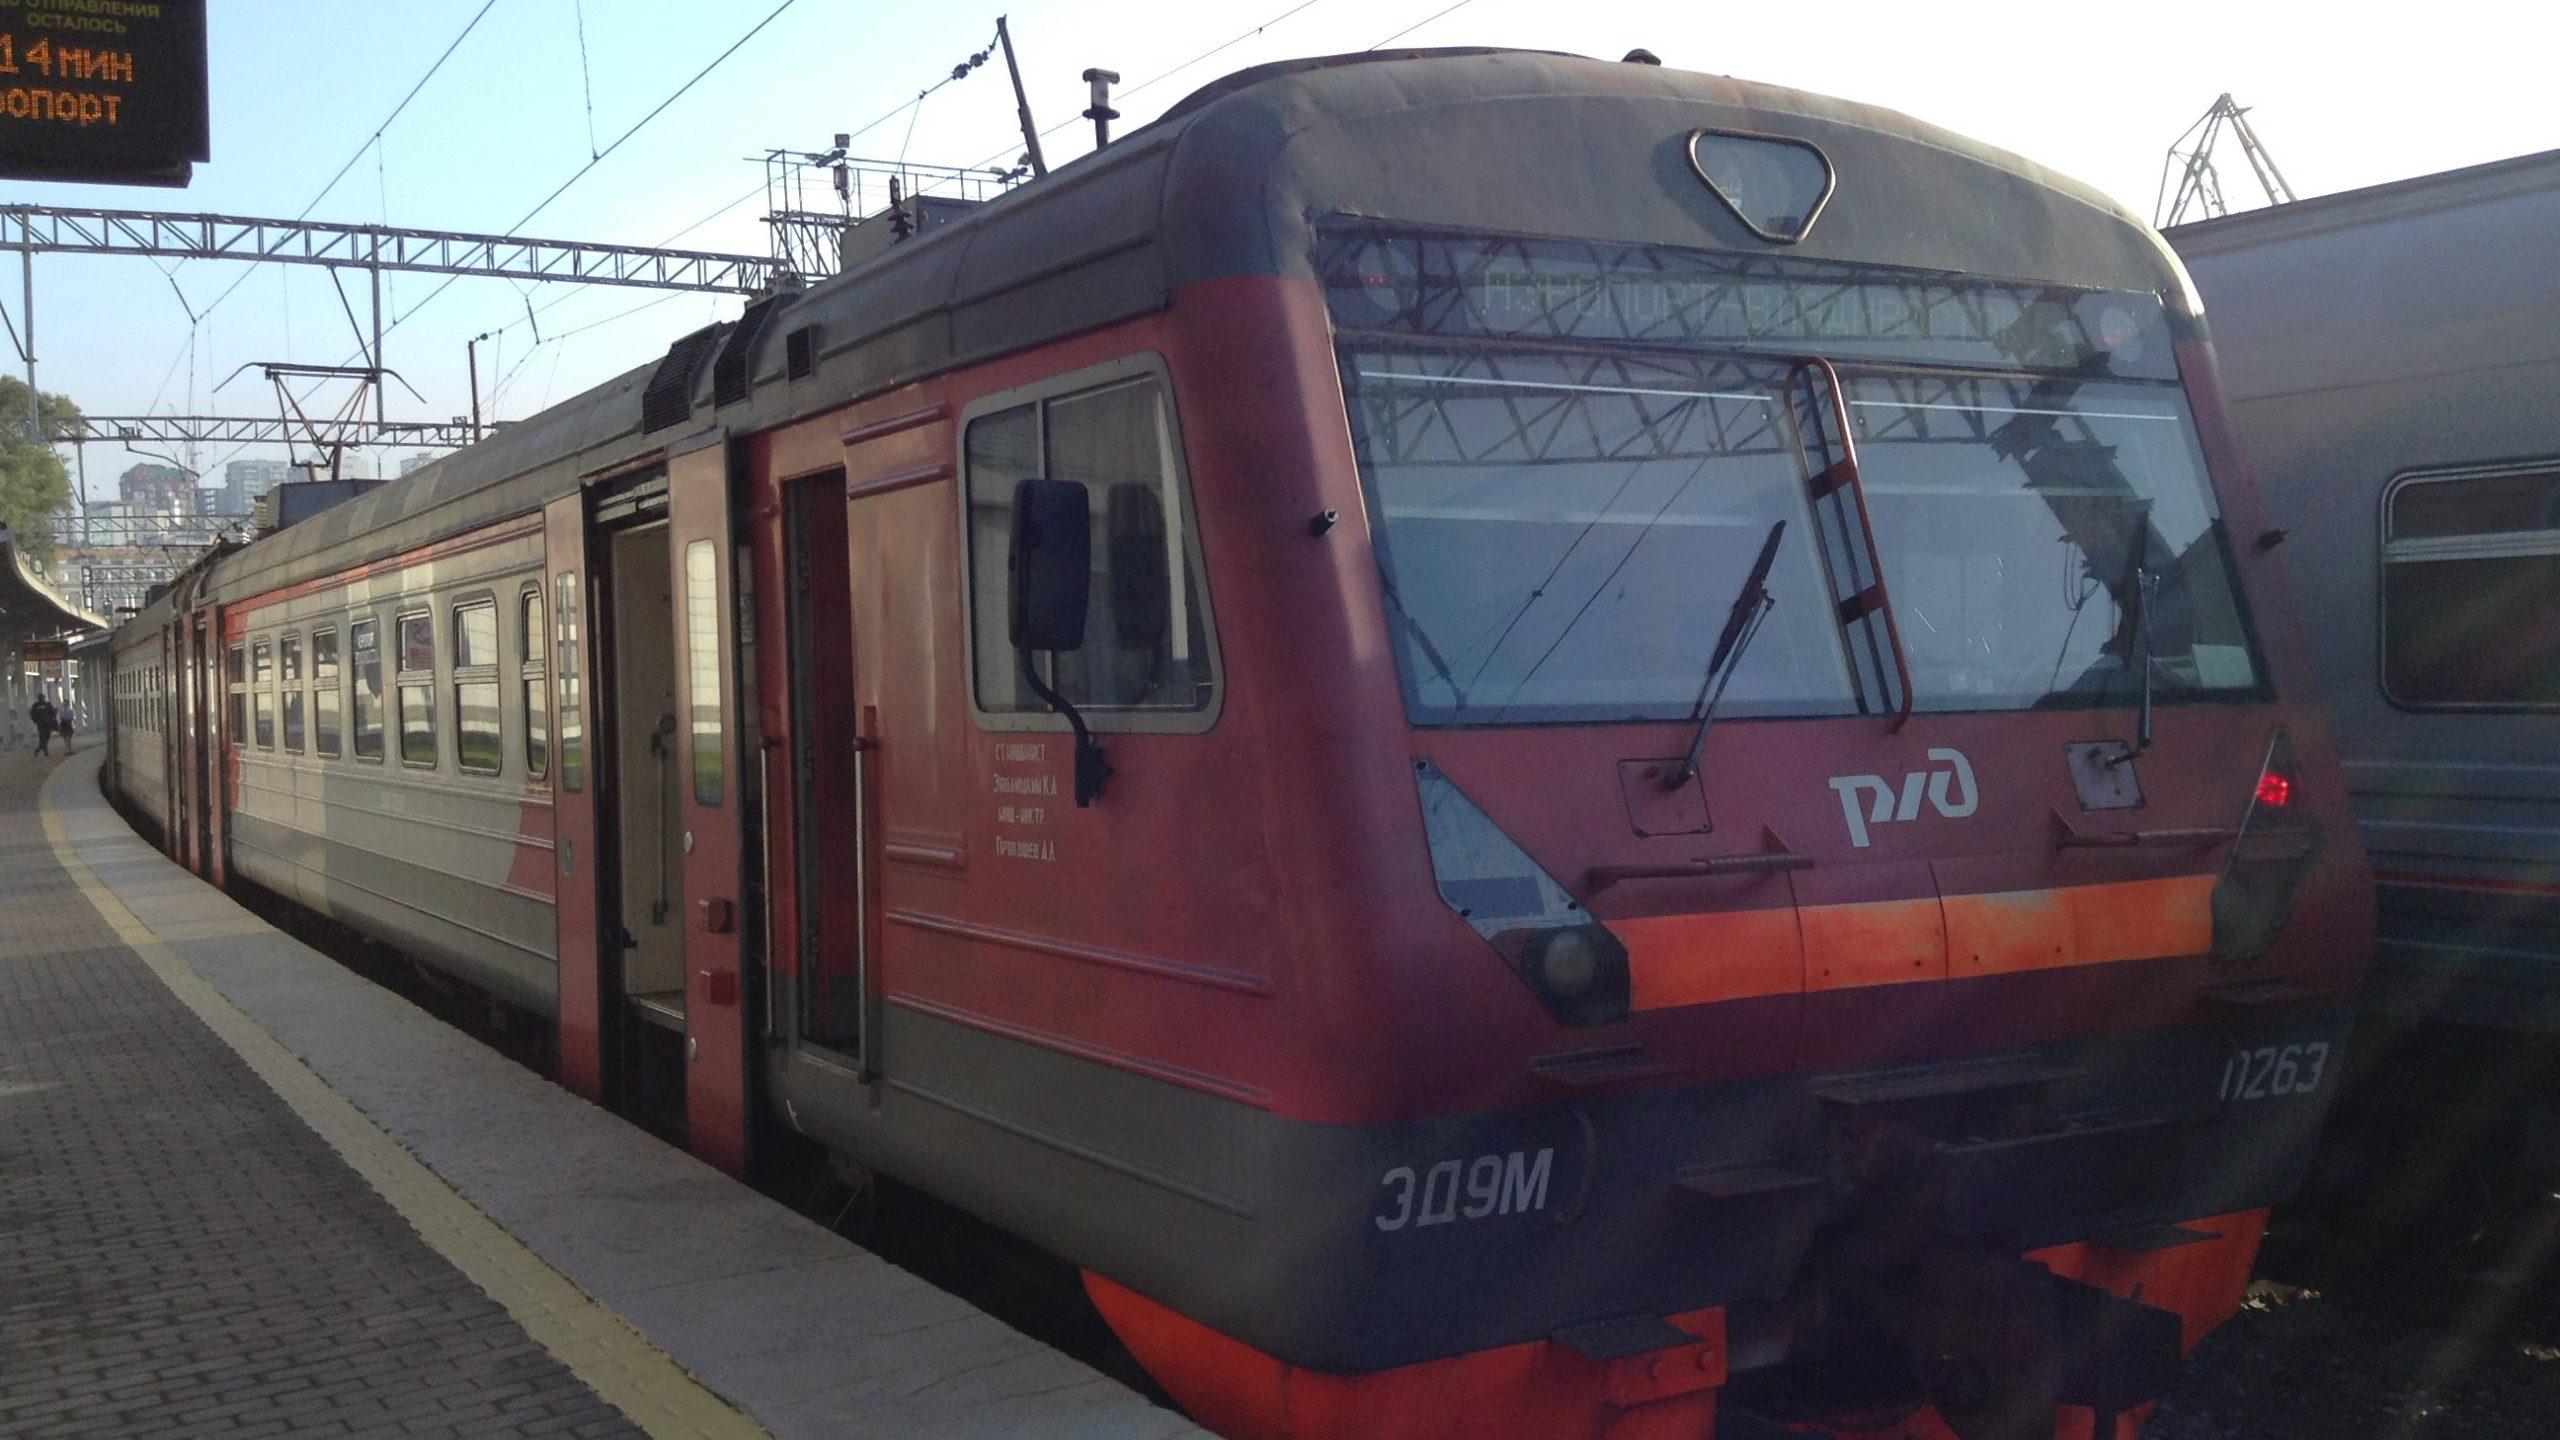 ウラジオストク空港連絡列車 アエロエクスプレス乗車記